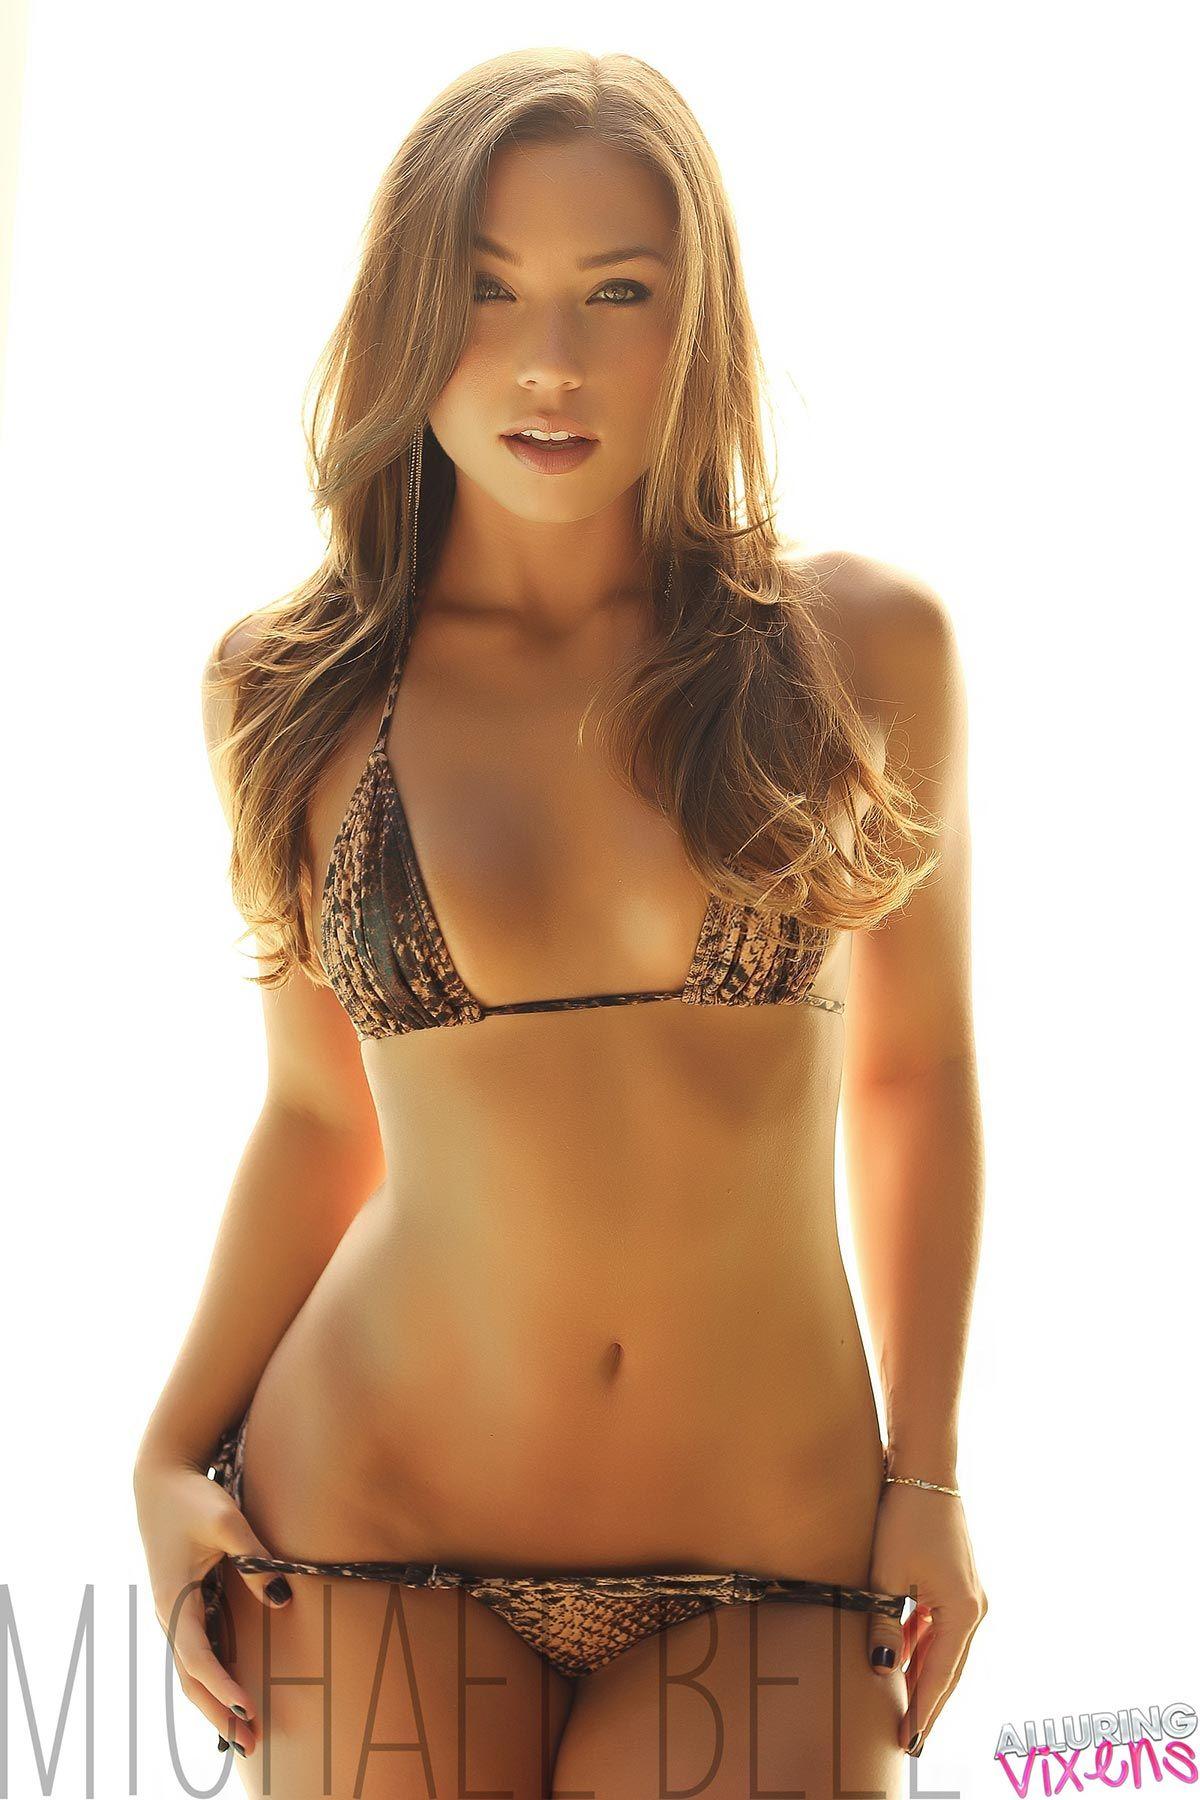 bikini Natalie mejia